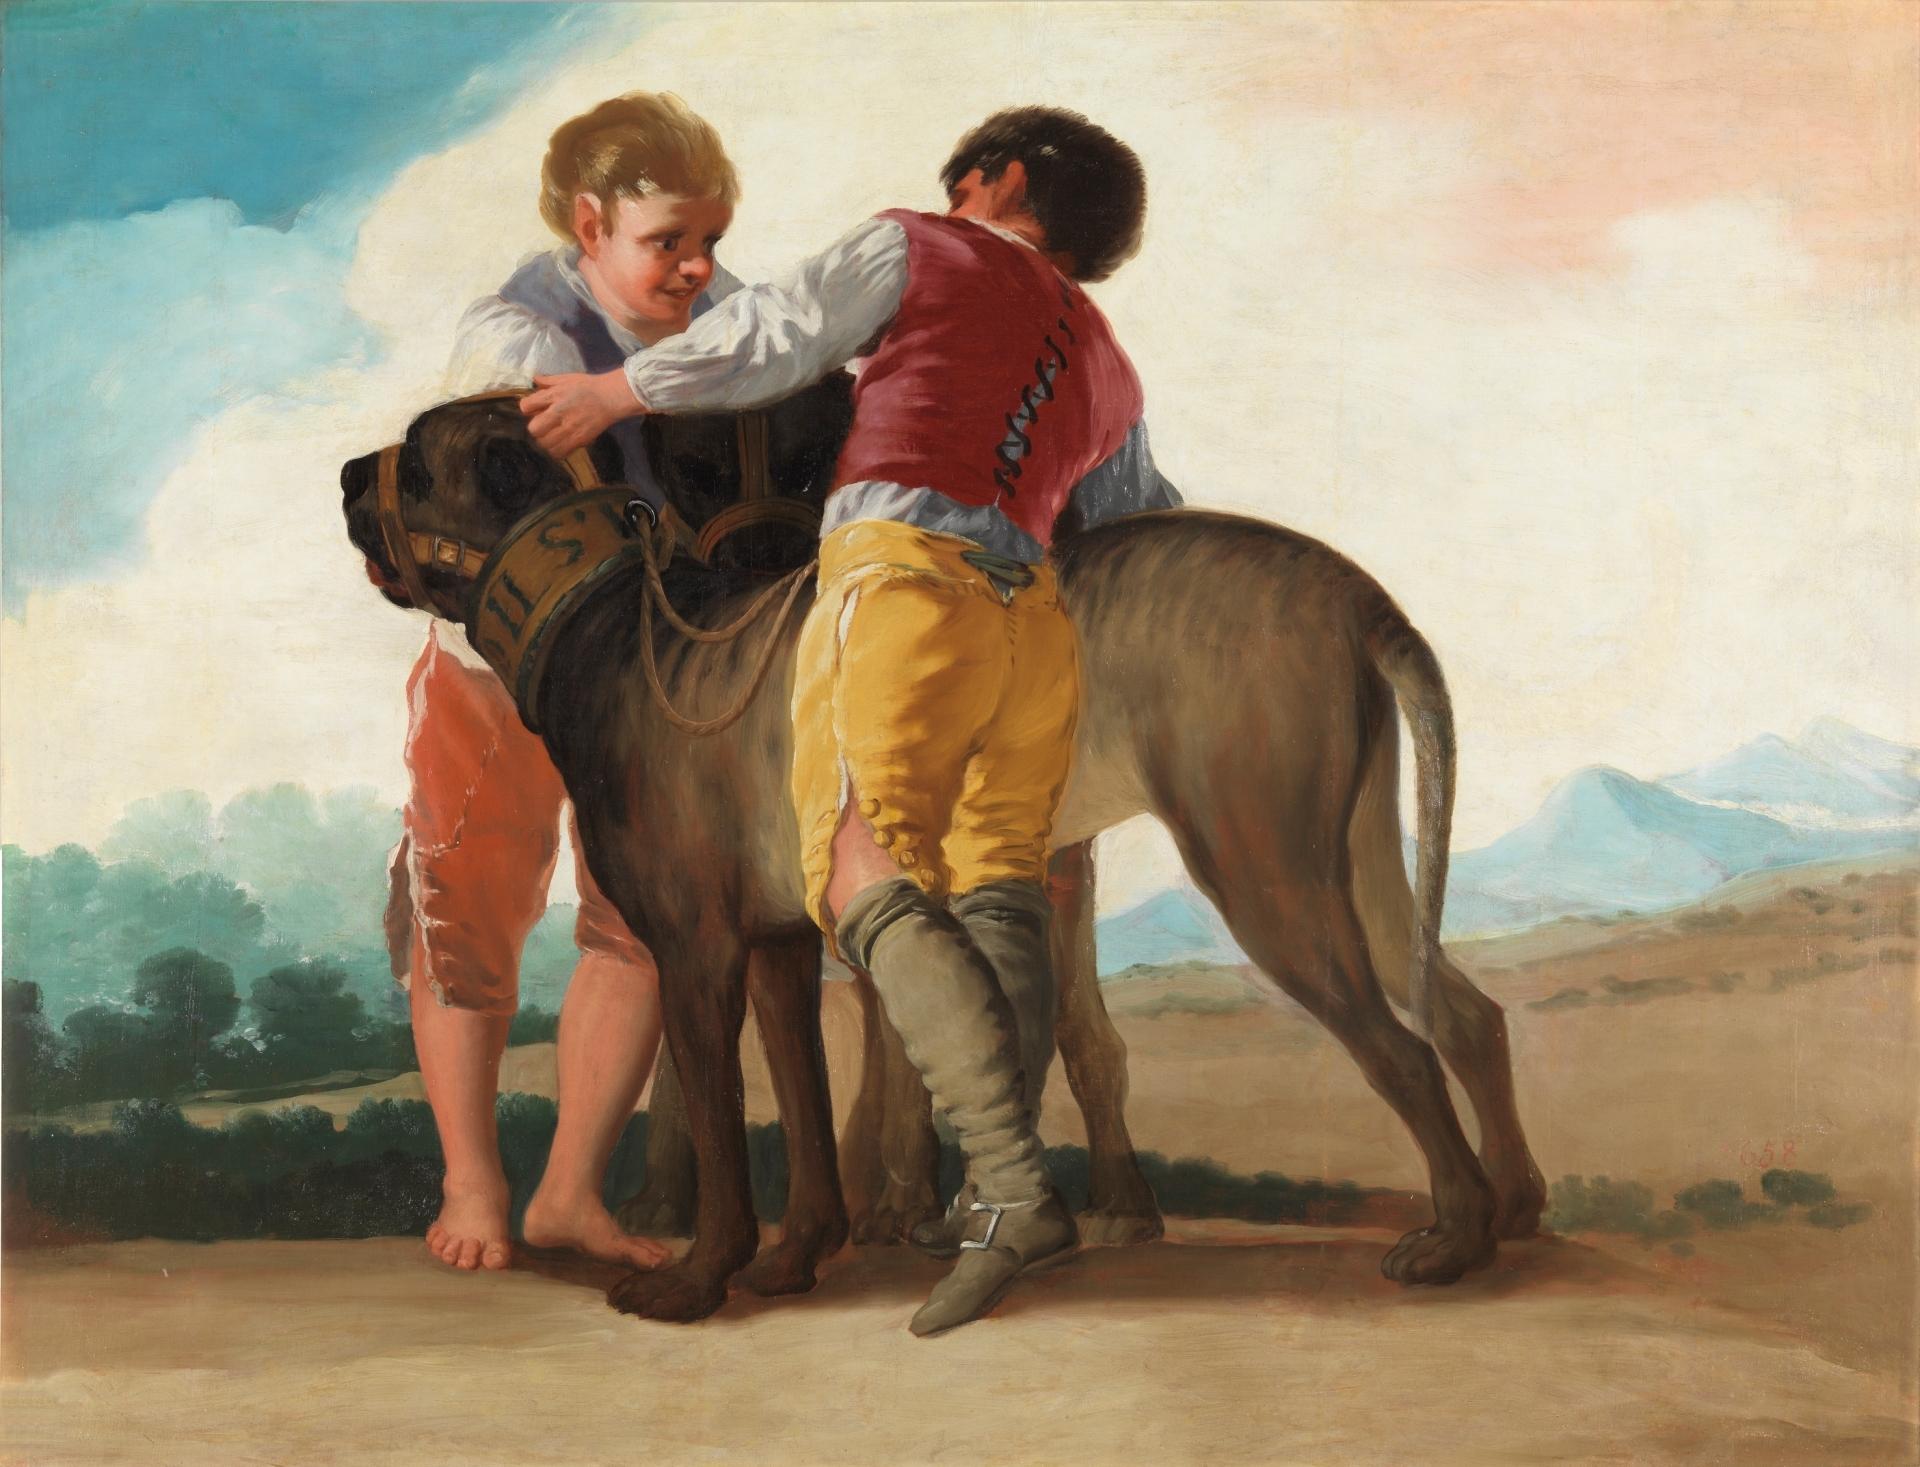 Niños con mastines es un lienzo de Francisco de Goya